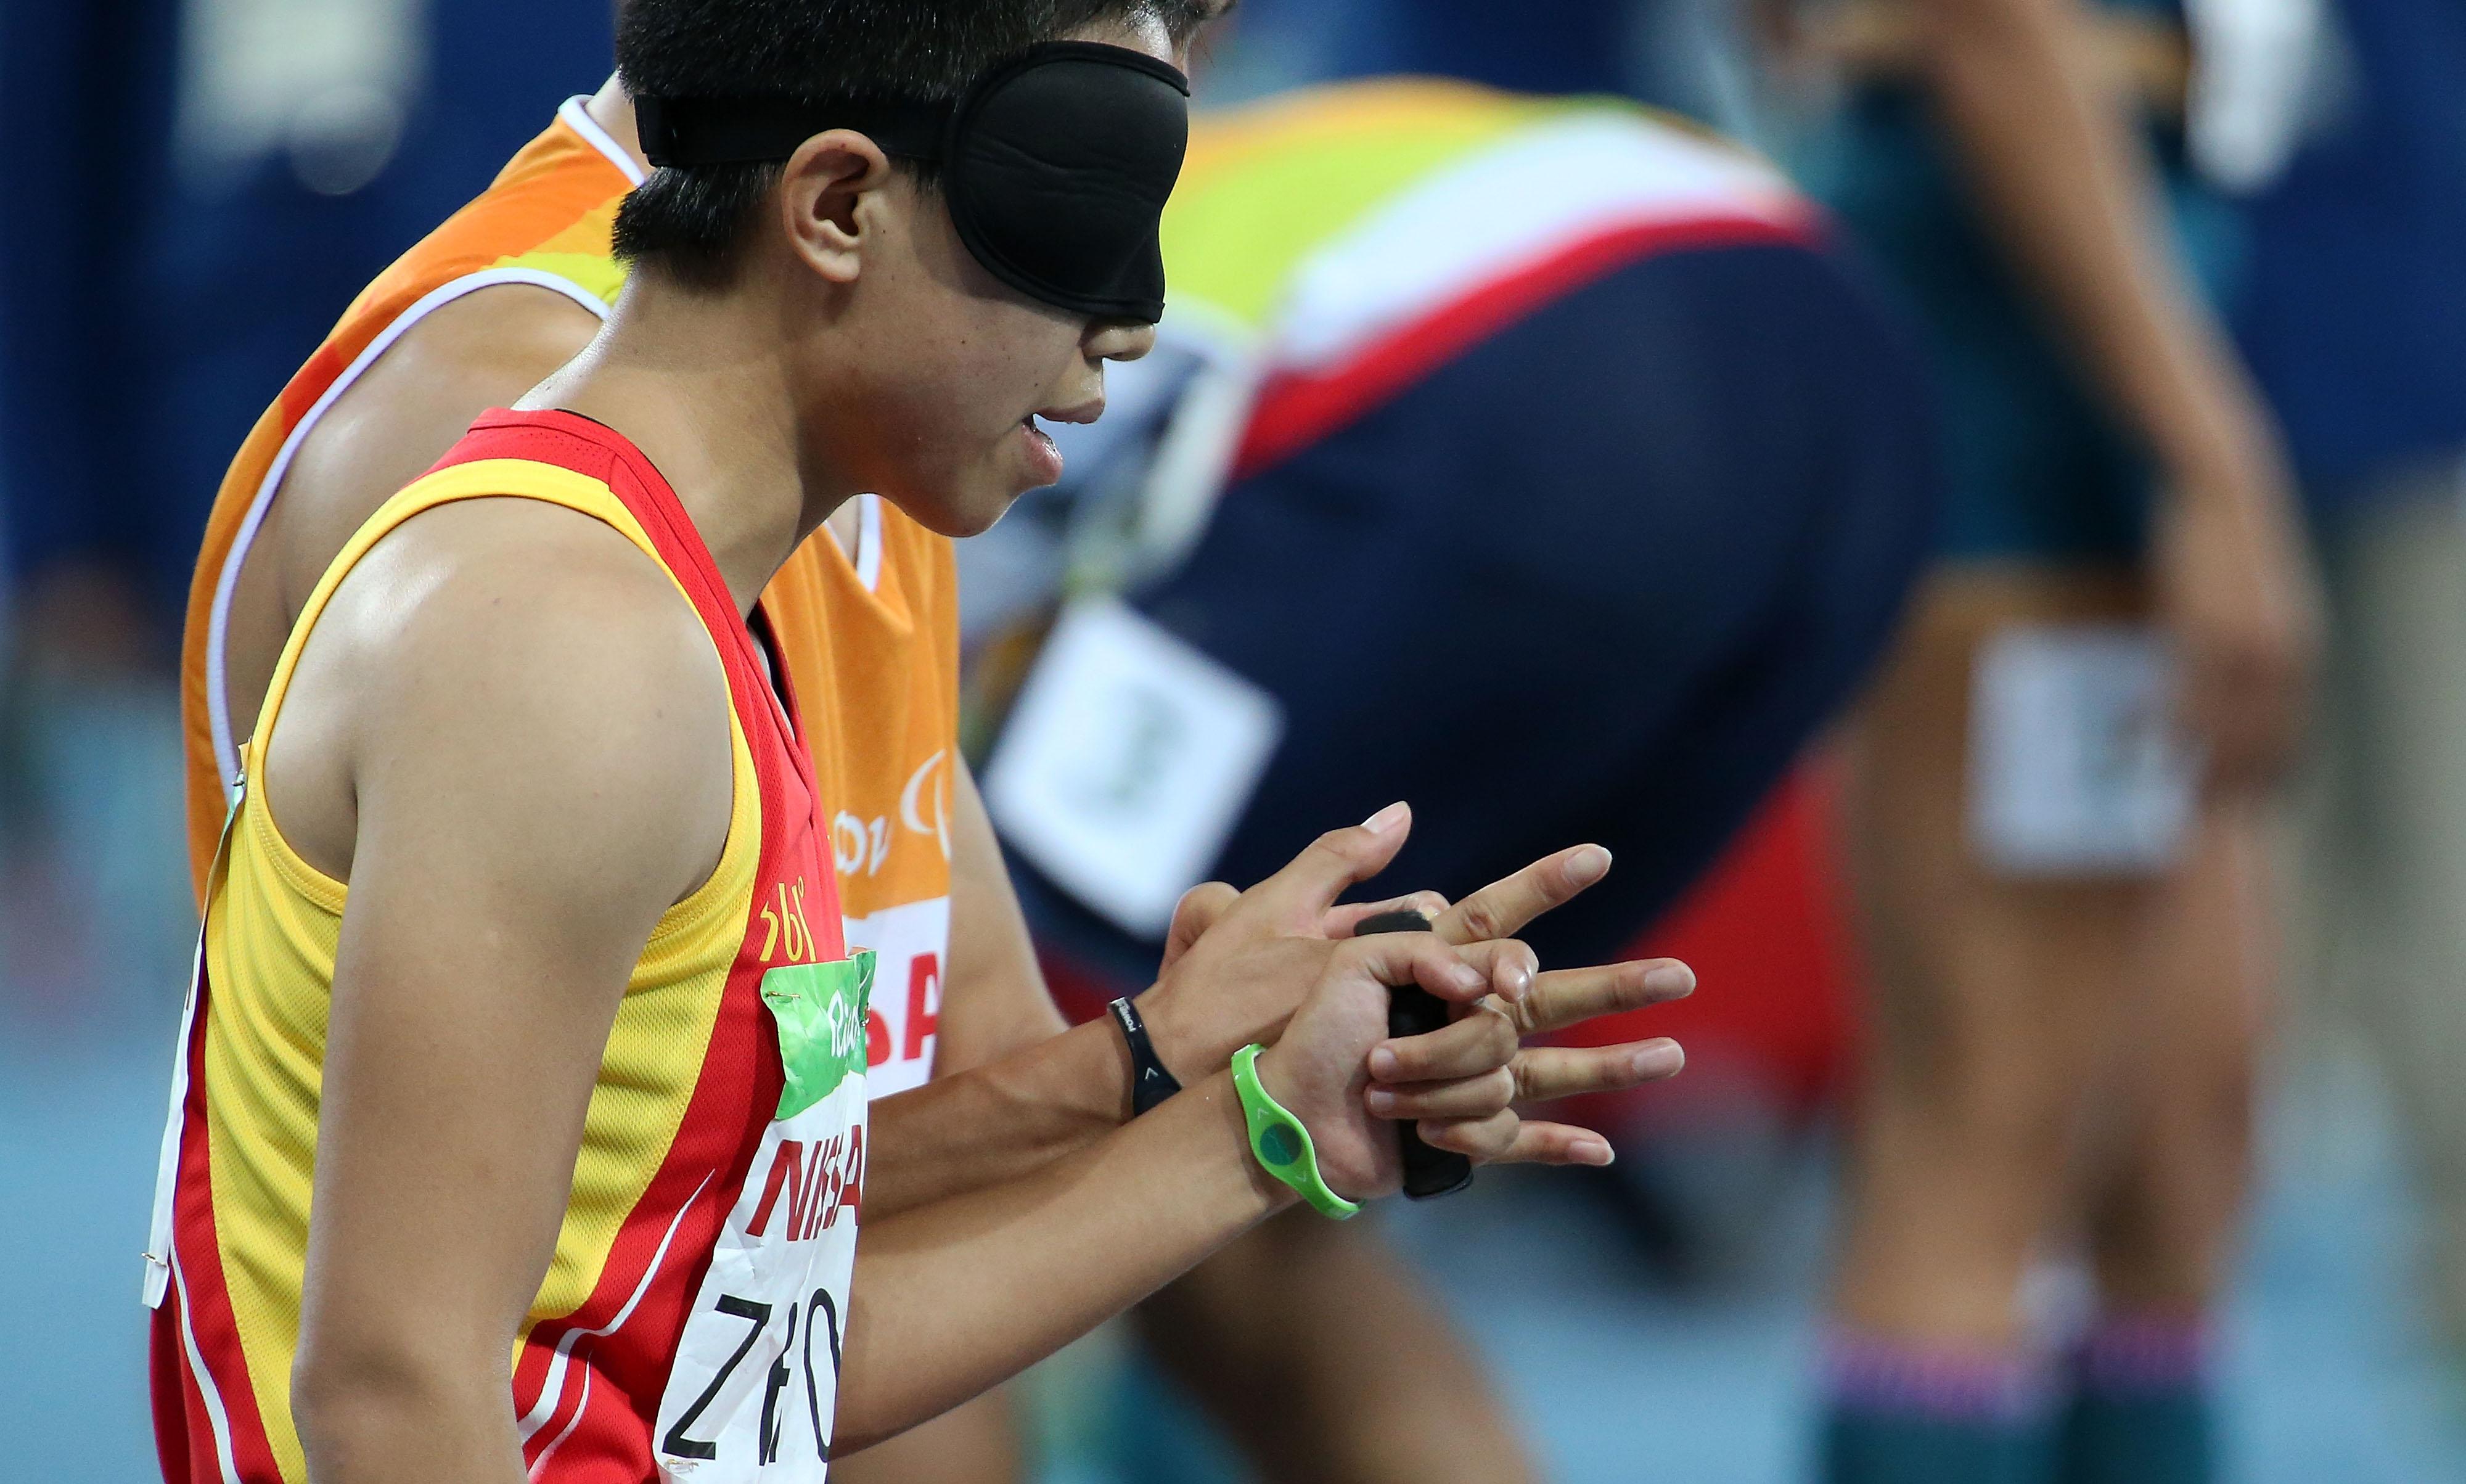 周国华和领跑员贾登璞在比赛前 新华社记者李明摄